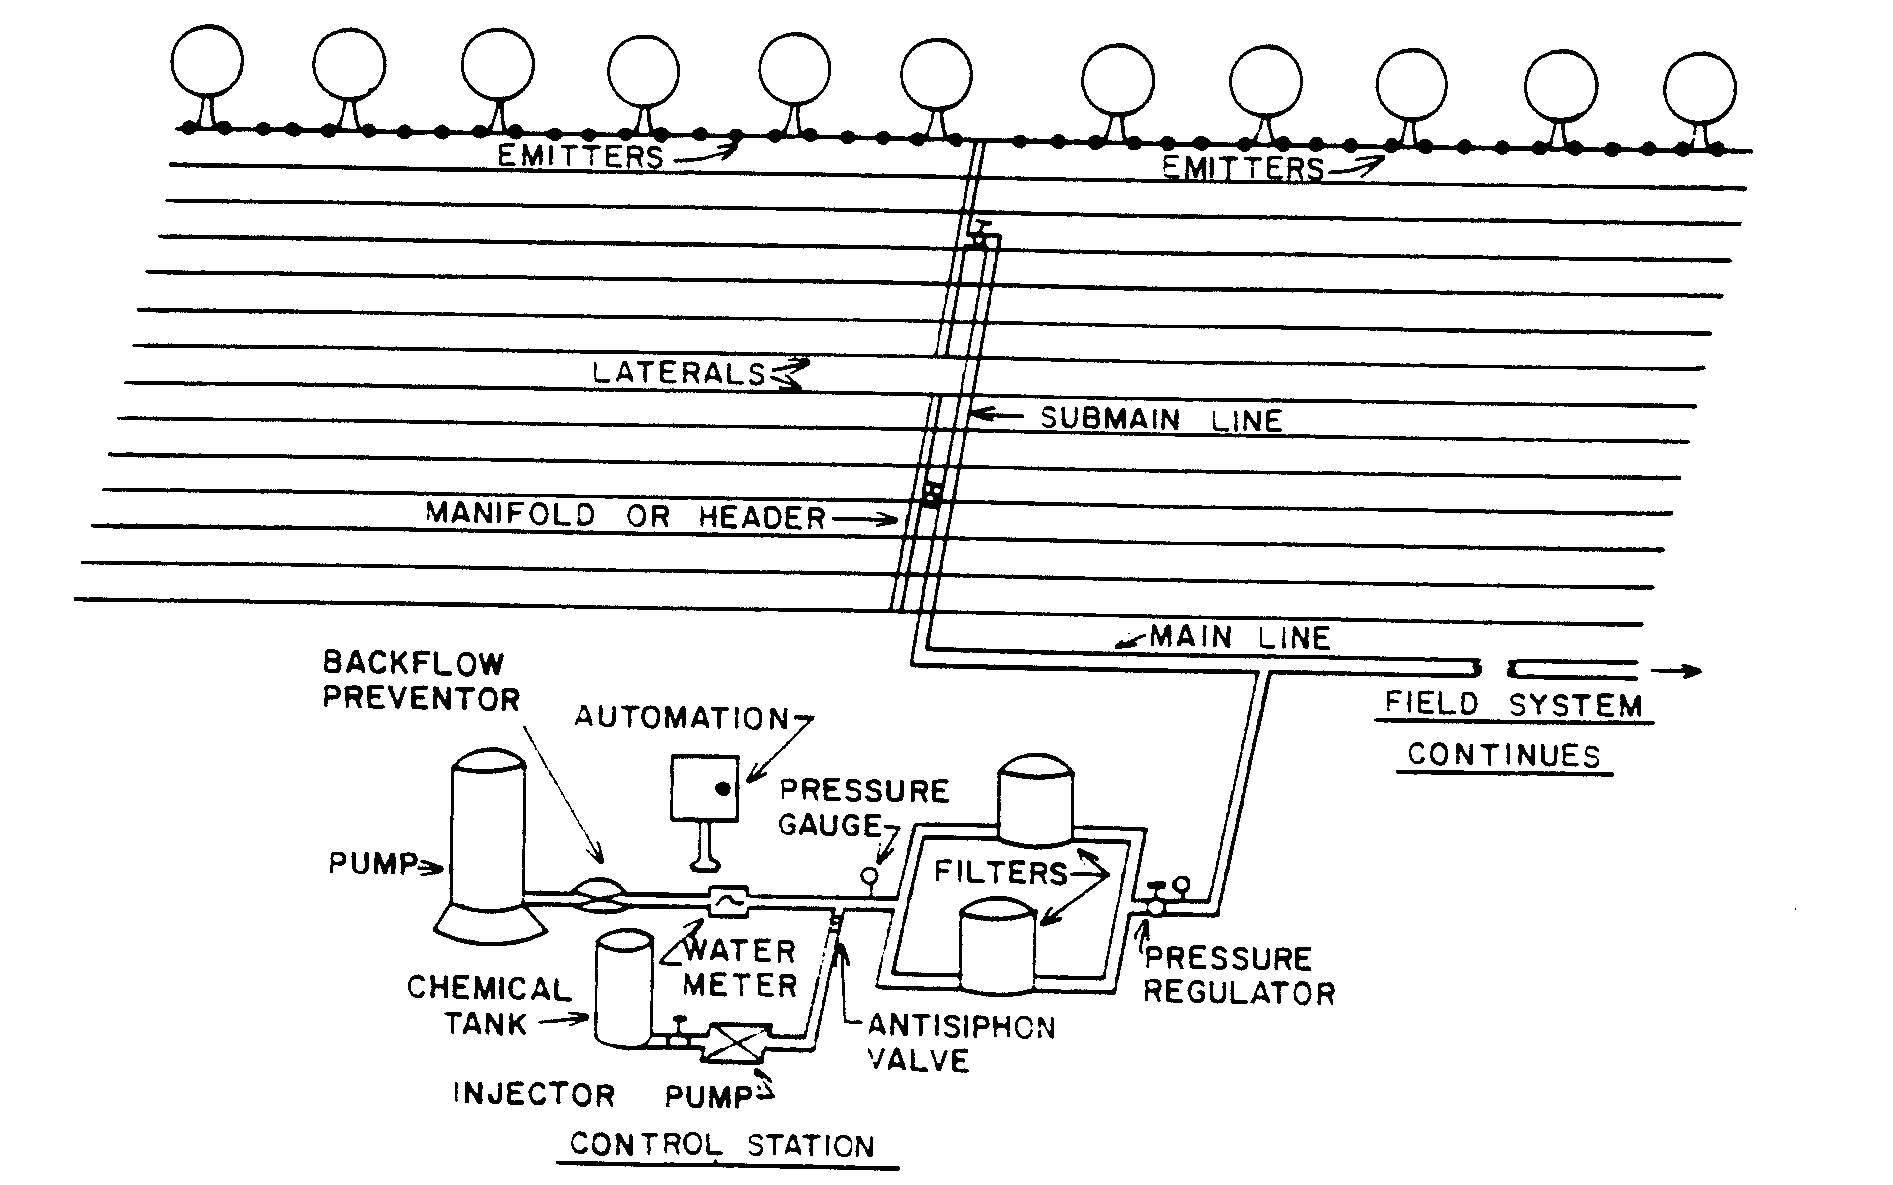 Irrigazione schema di un impianto tipo irriwiki for Irrigazione per aspersione